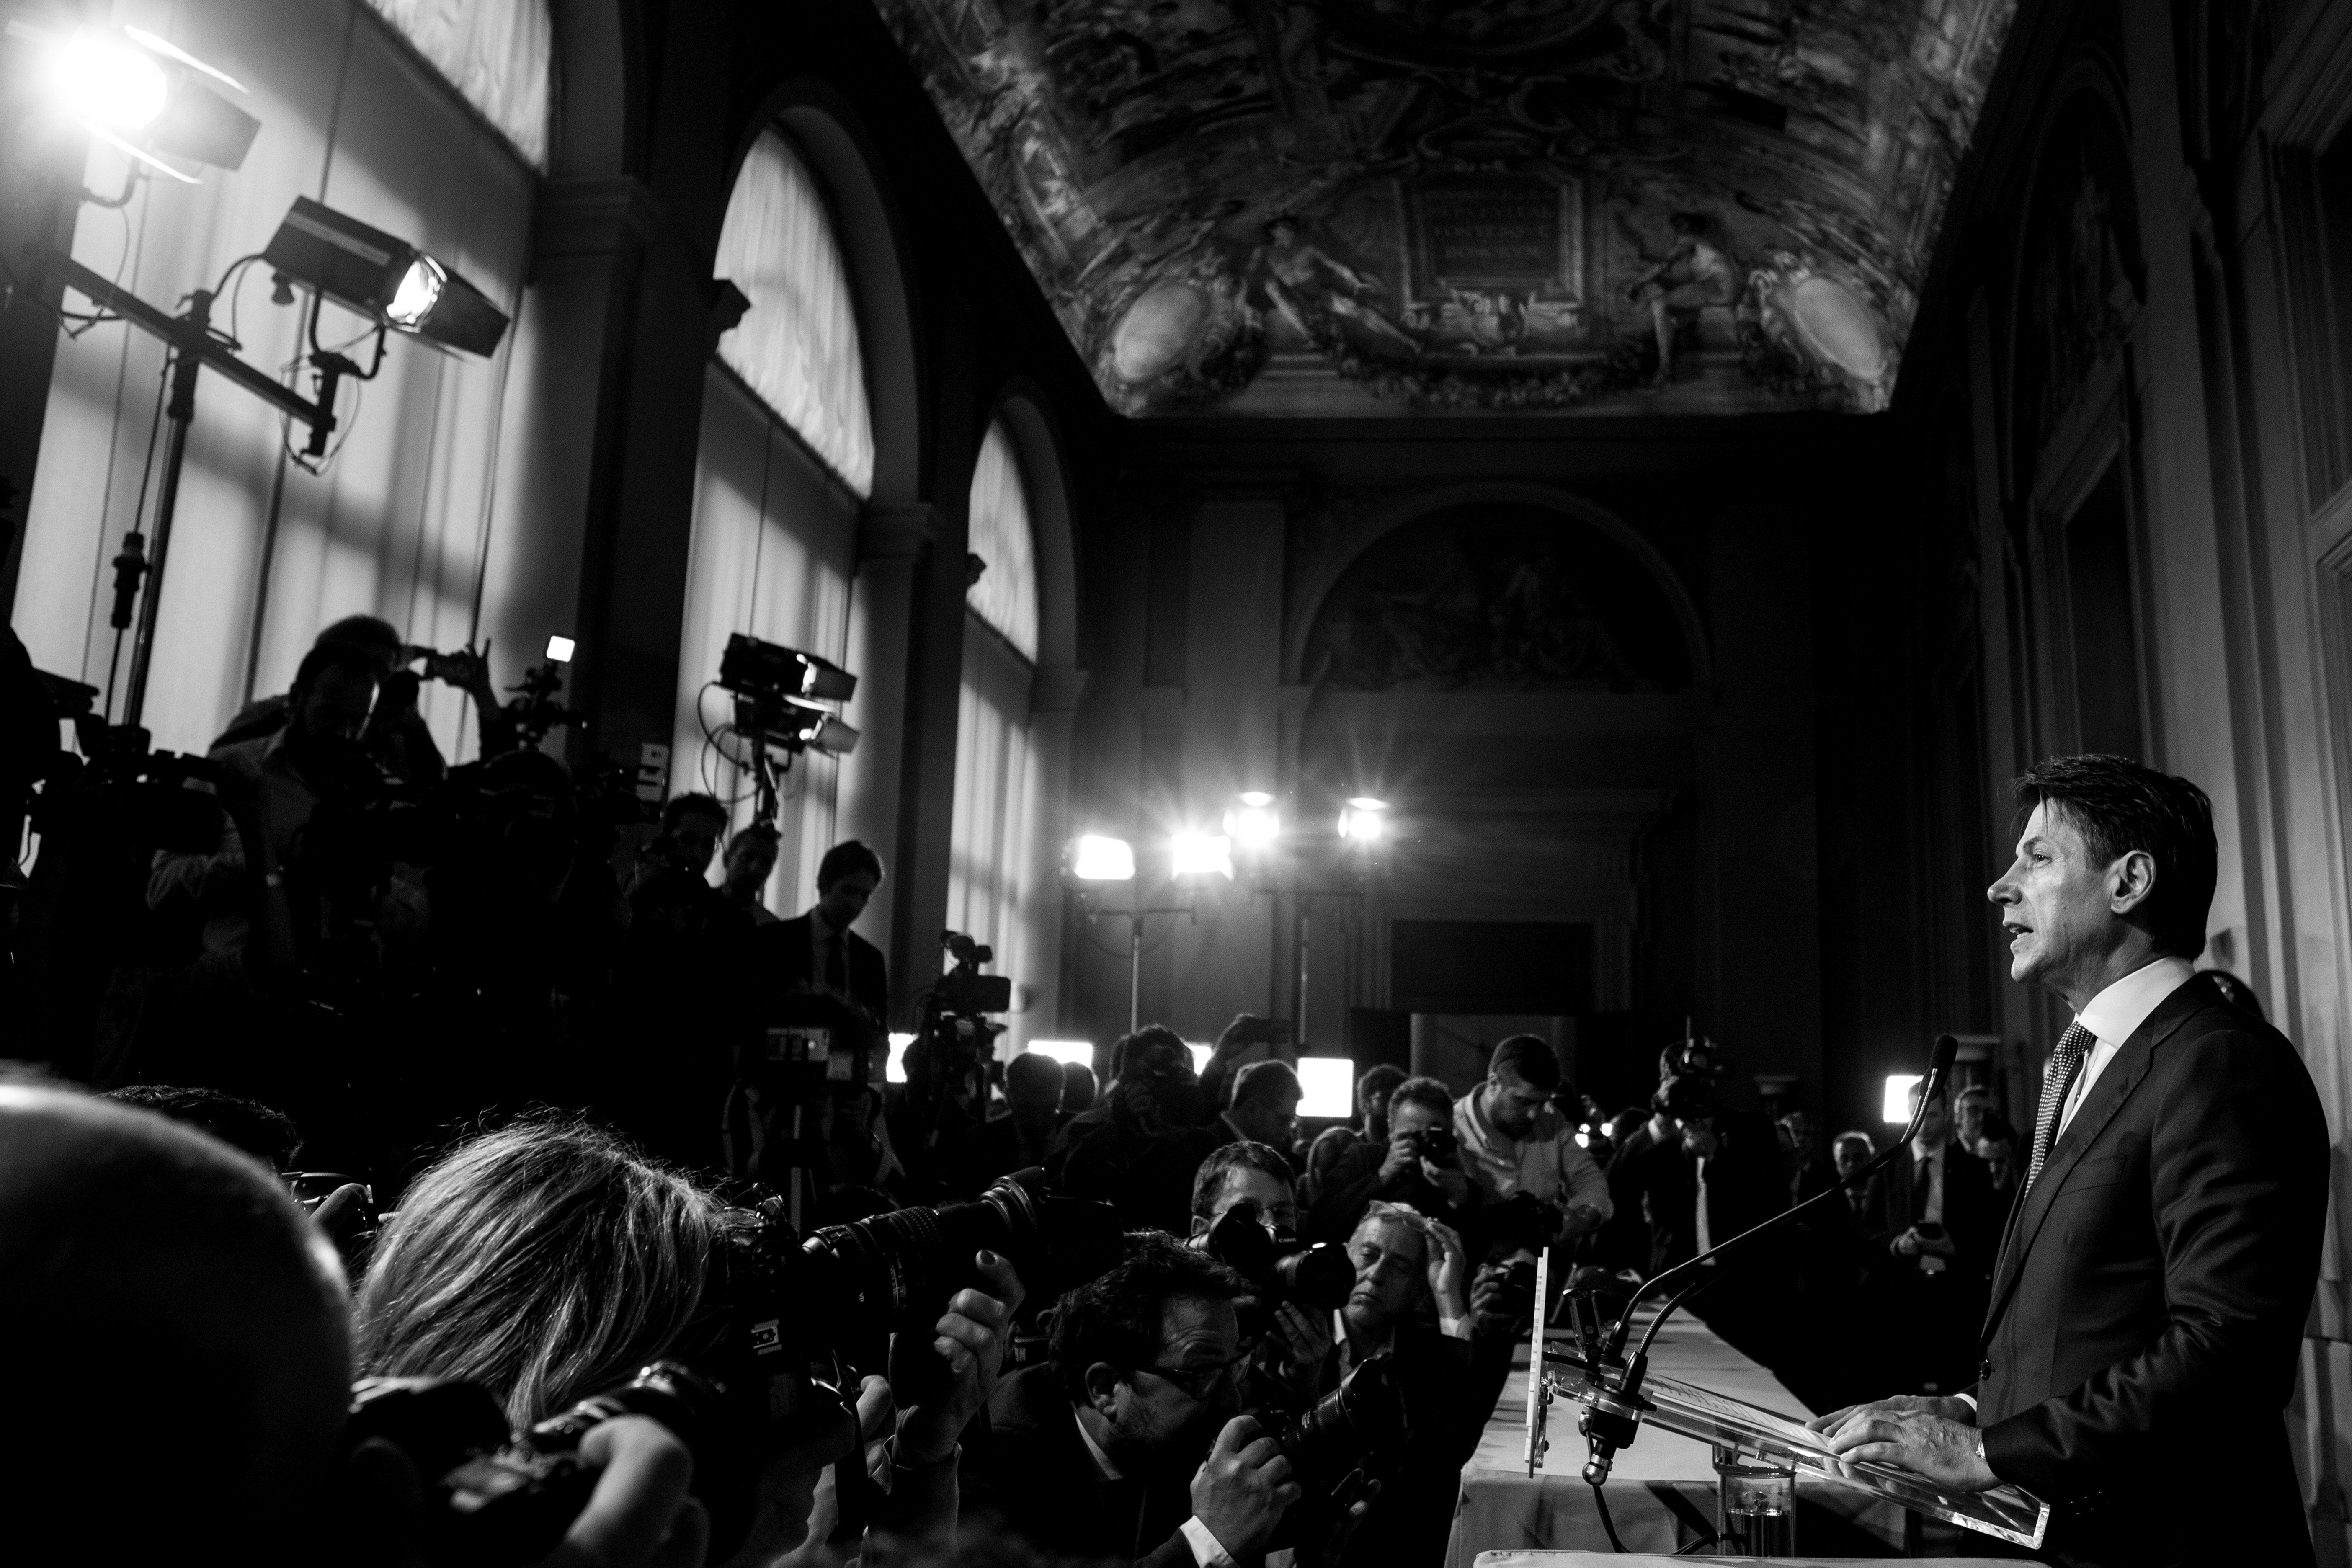 Η Γερμανία εκφράζει ανησυχίες για τον κυβερνητικό συνασπισμό στην